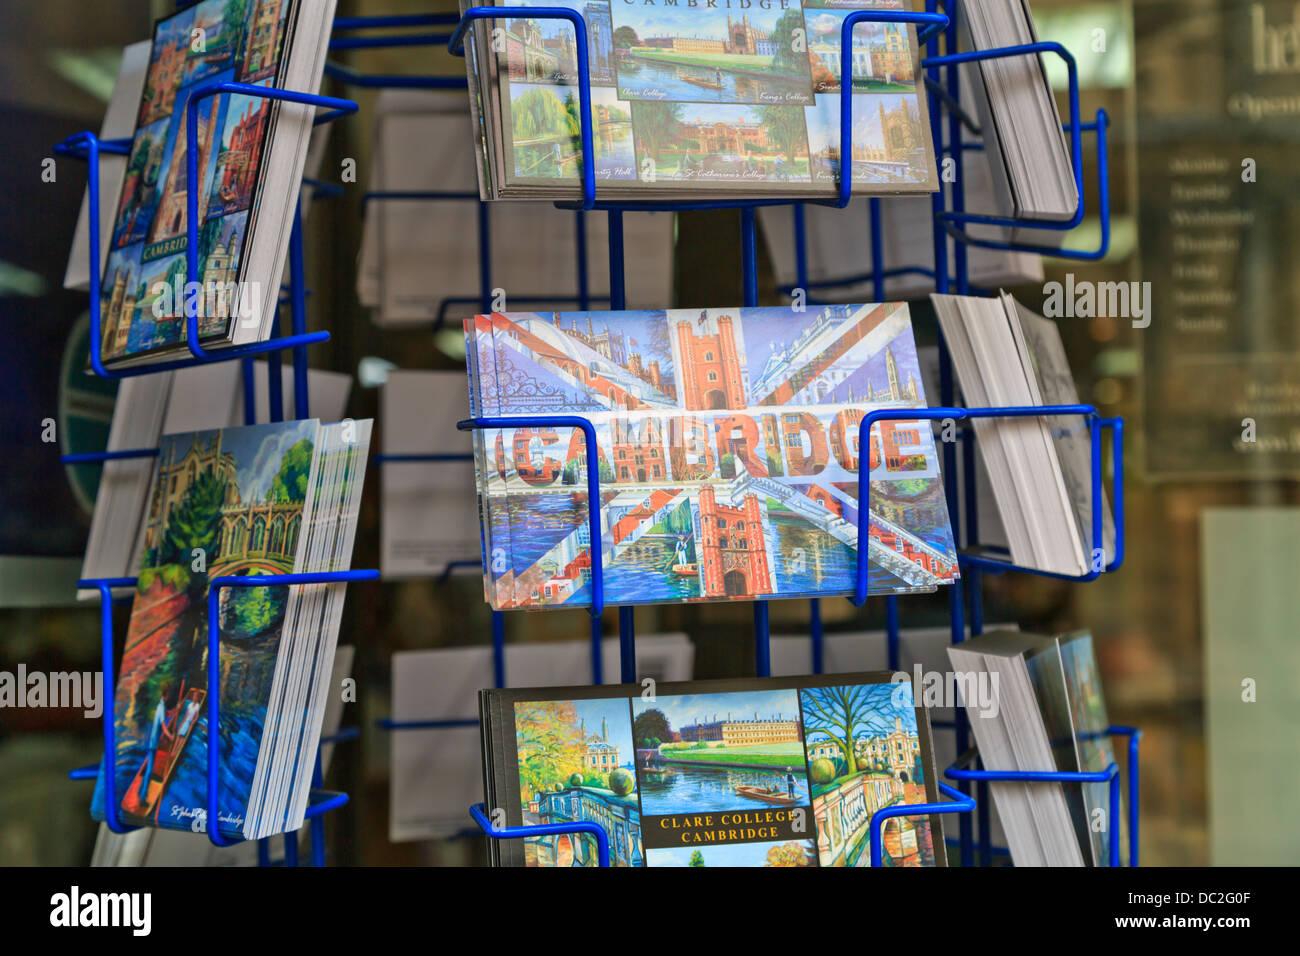 Postcards of Cambridge for sale at souvenir shop, Cambridge, England Stock Photo